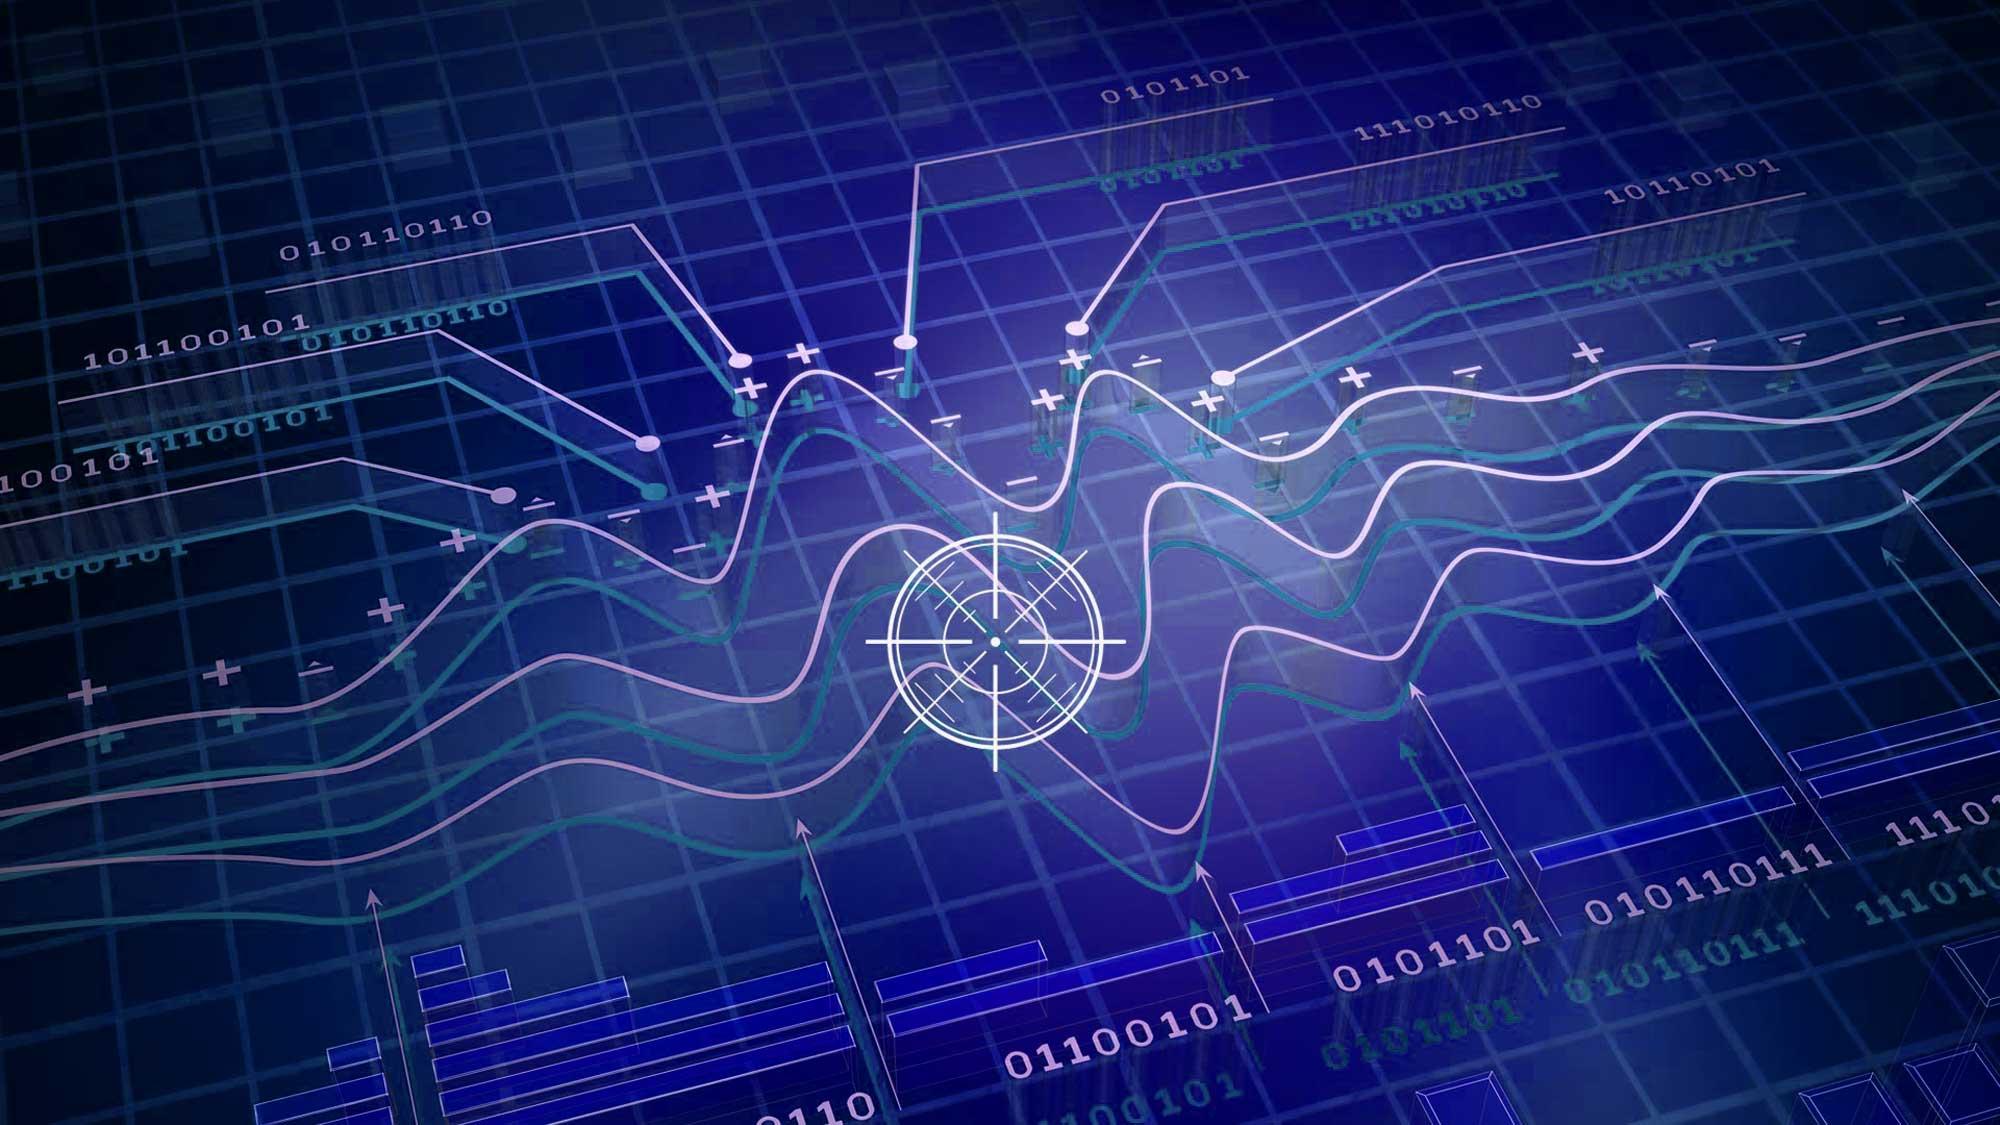 سیگنالها و سیستمها، یکی از دروس اصلی رشته مهندسی برق و کامپیوتر